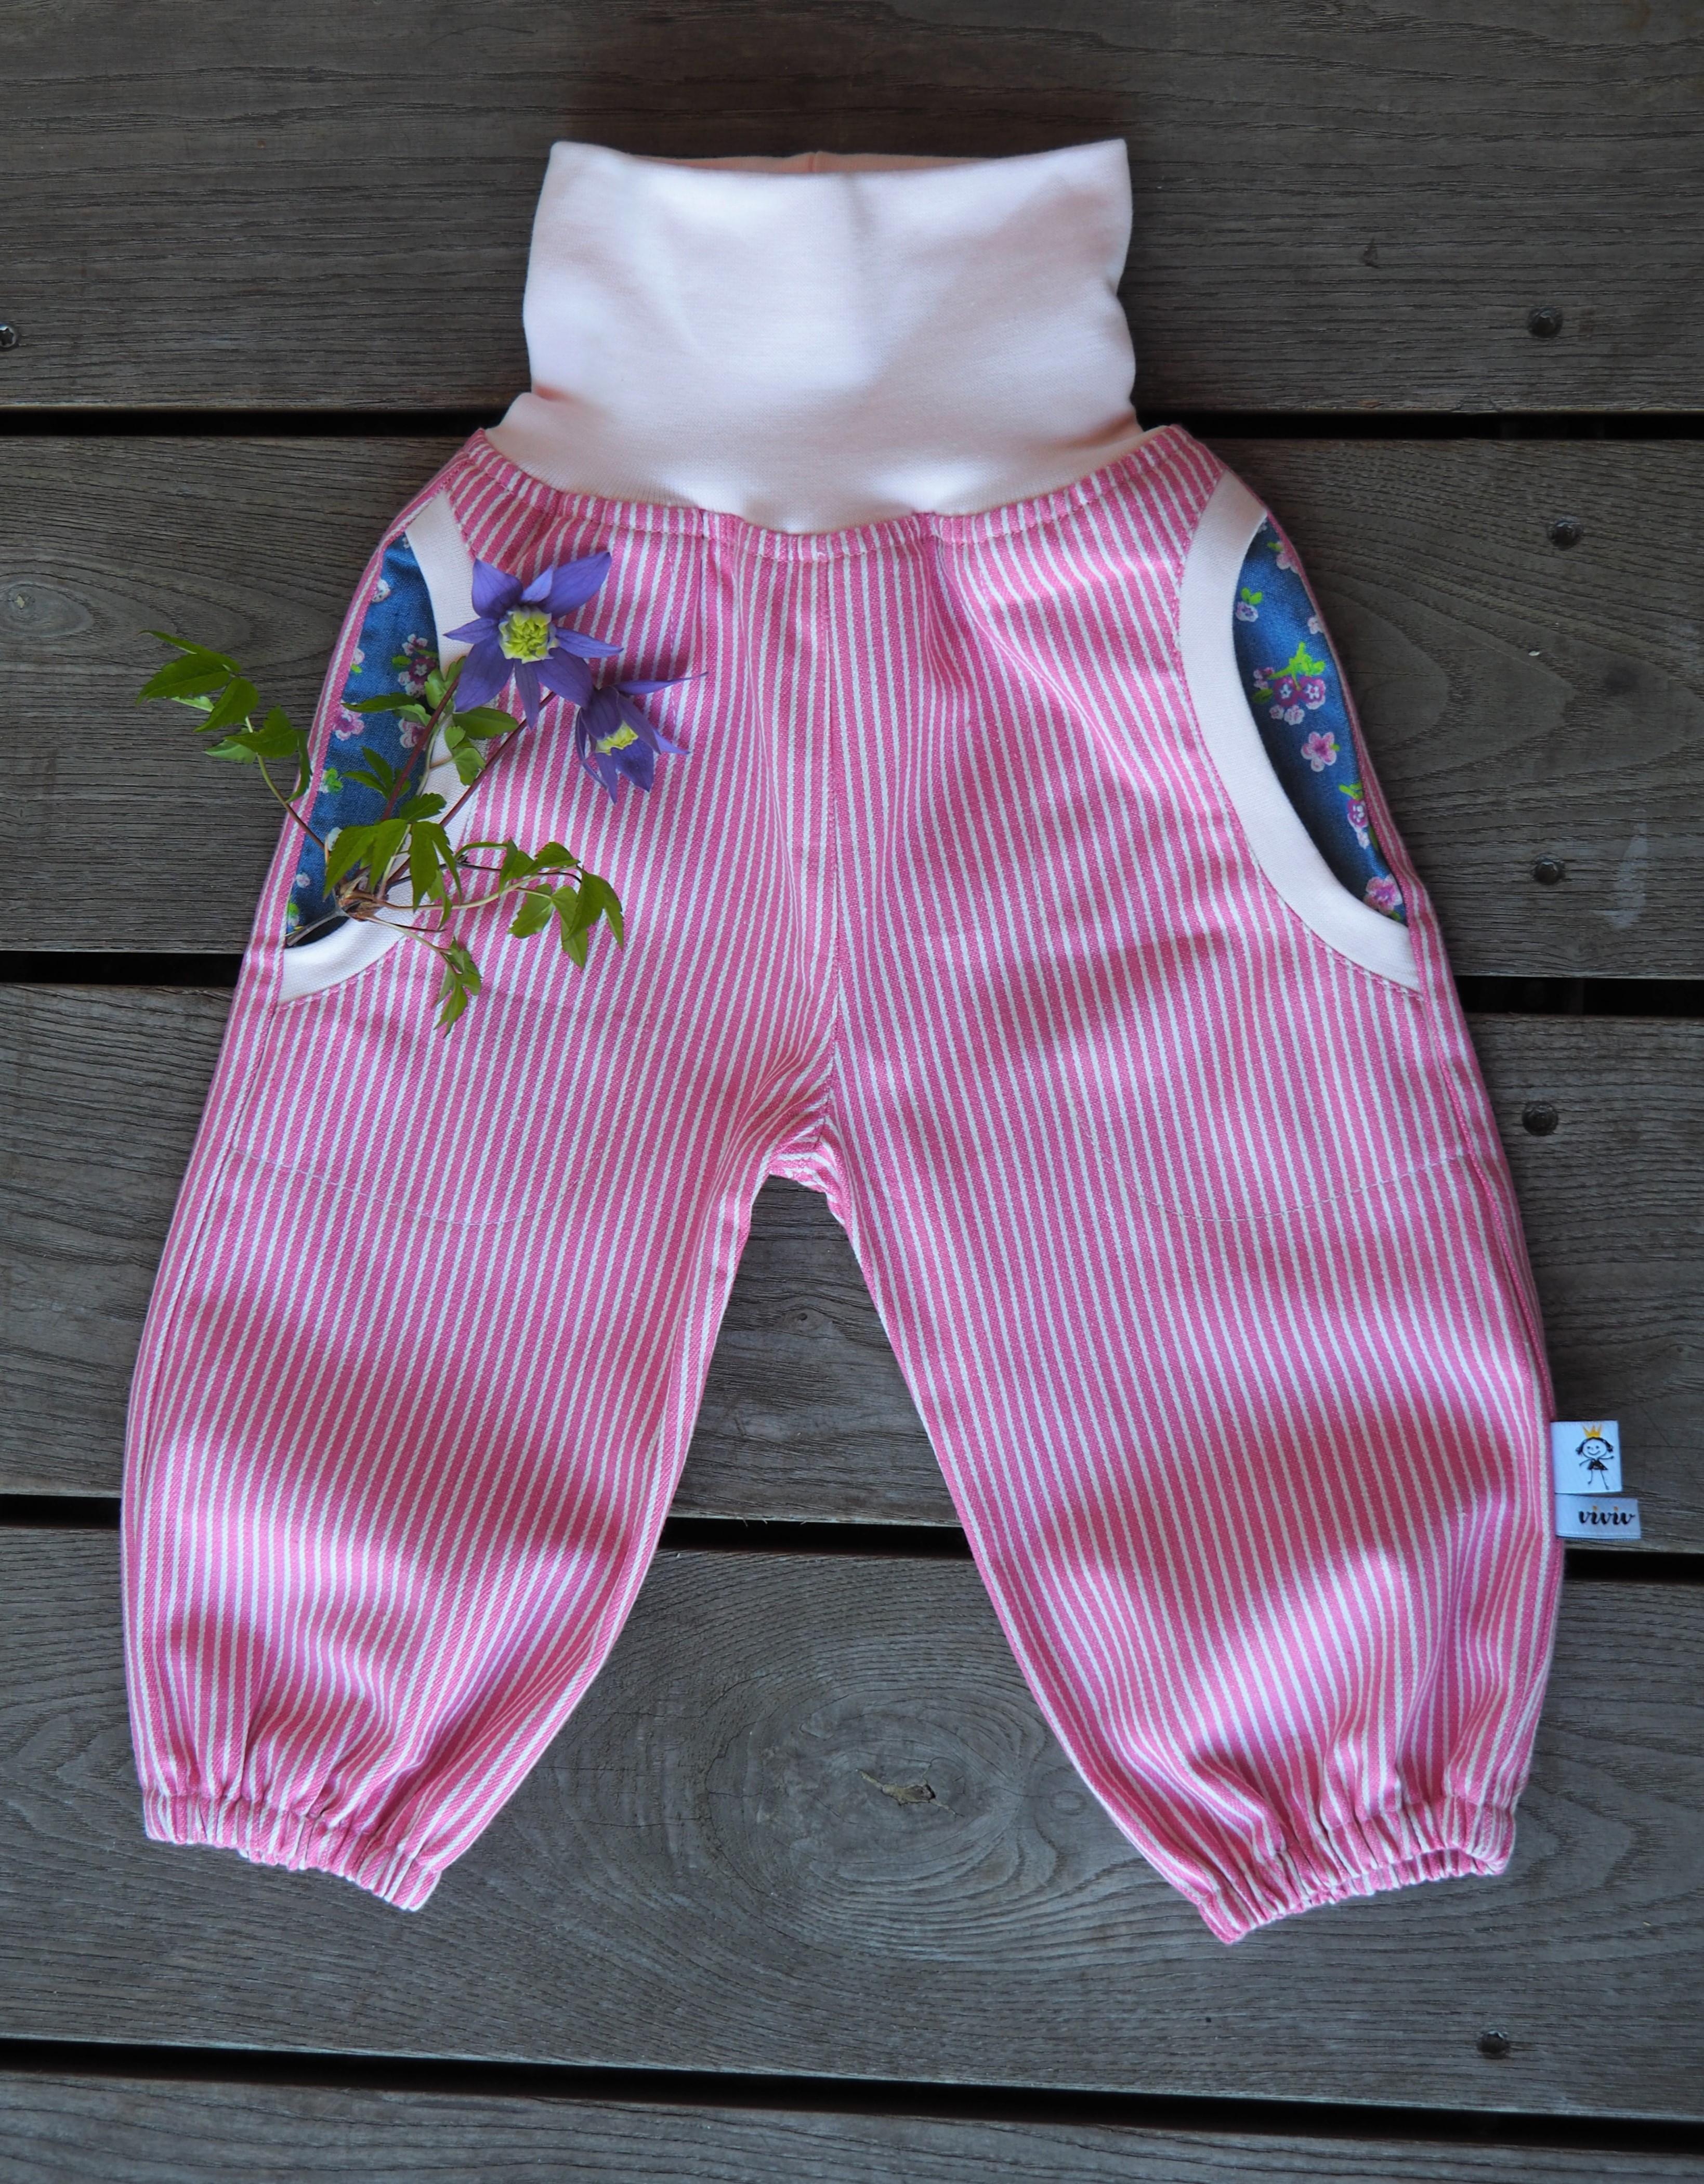 Jeans-Pumphose Kirschblüten - /Pants Cherry Blossom